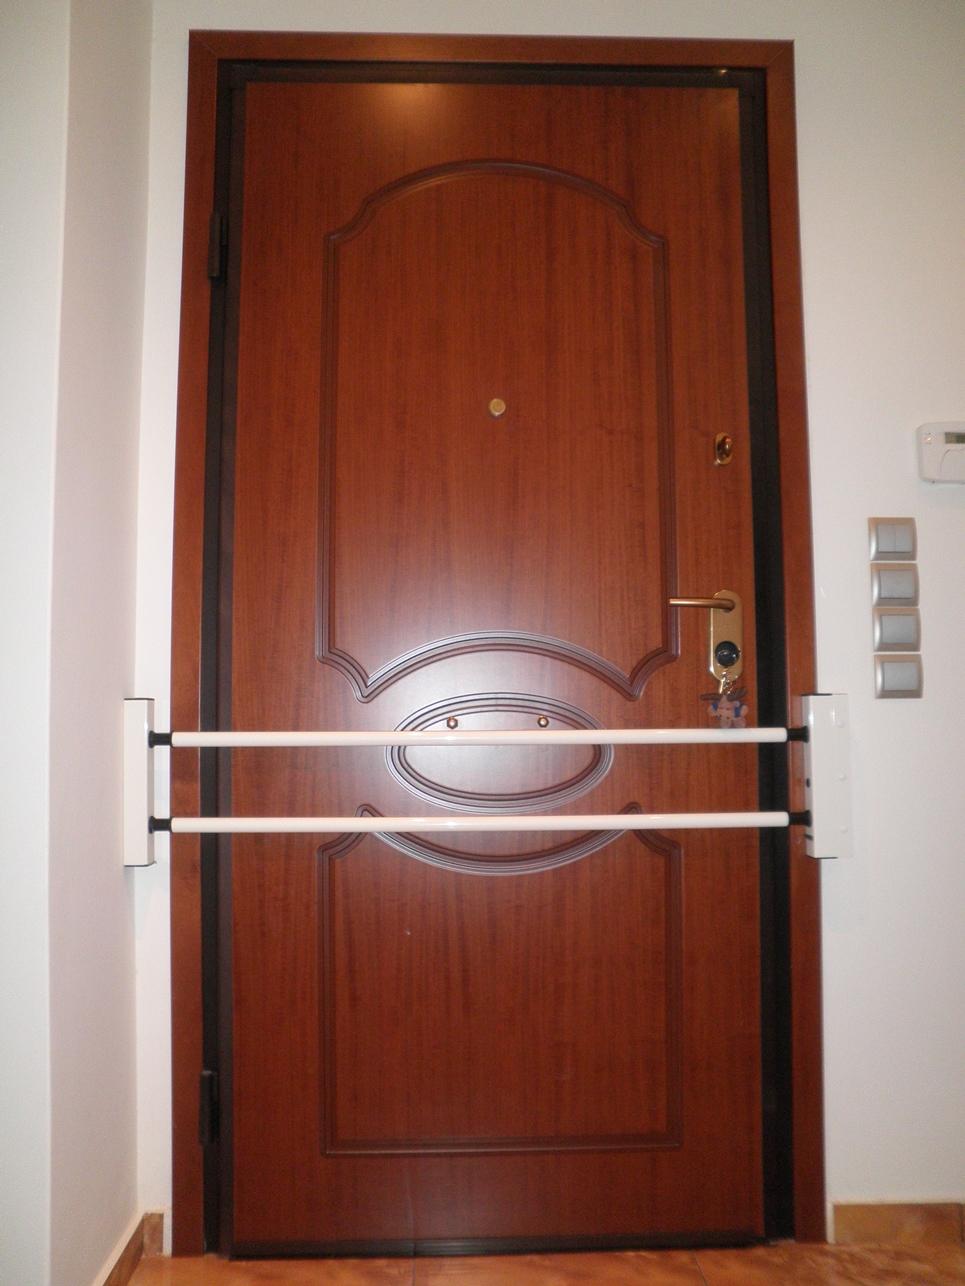 Μπάρες Ασφαλείας για Κύρια Είσοδο